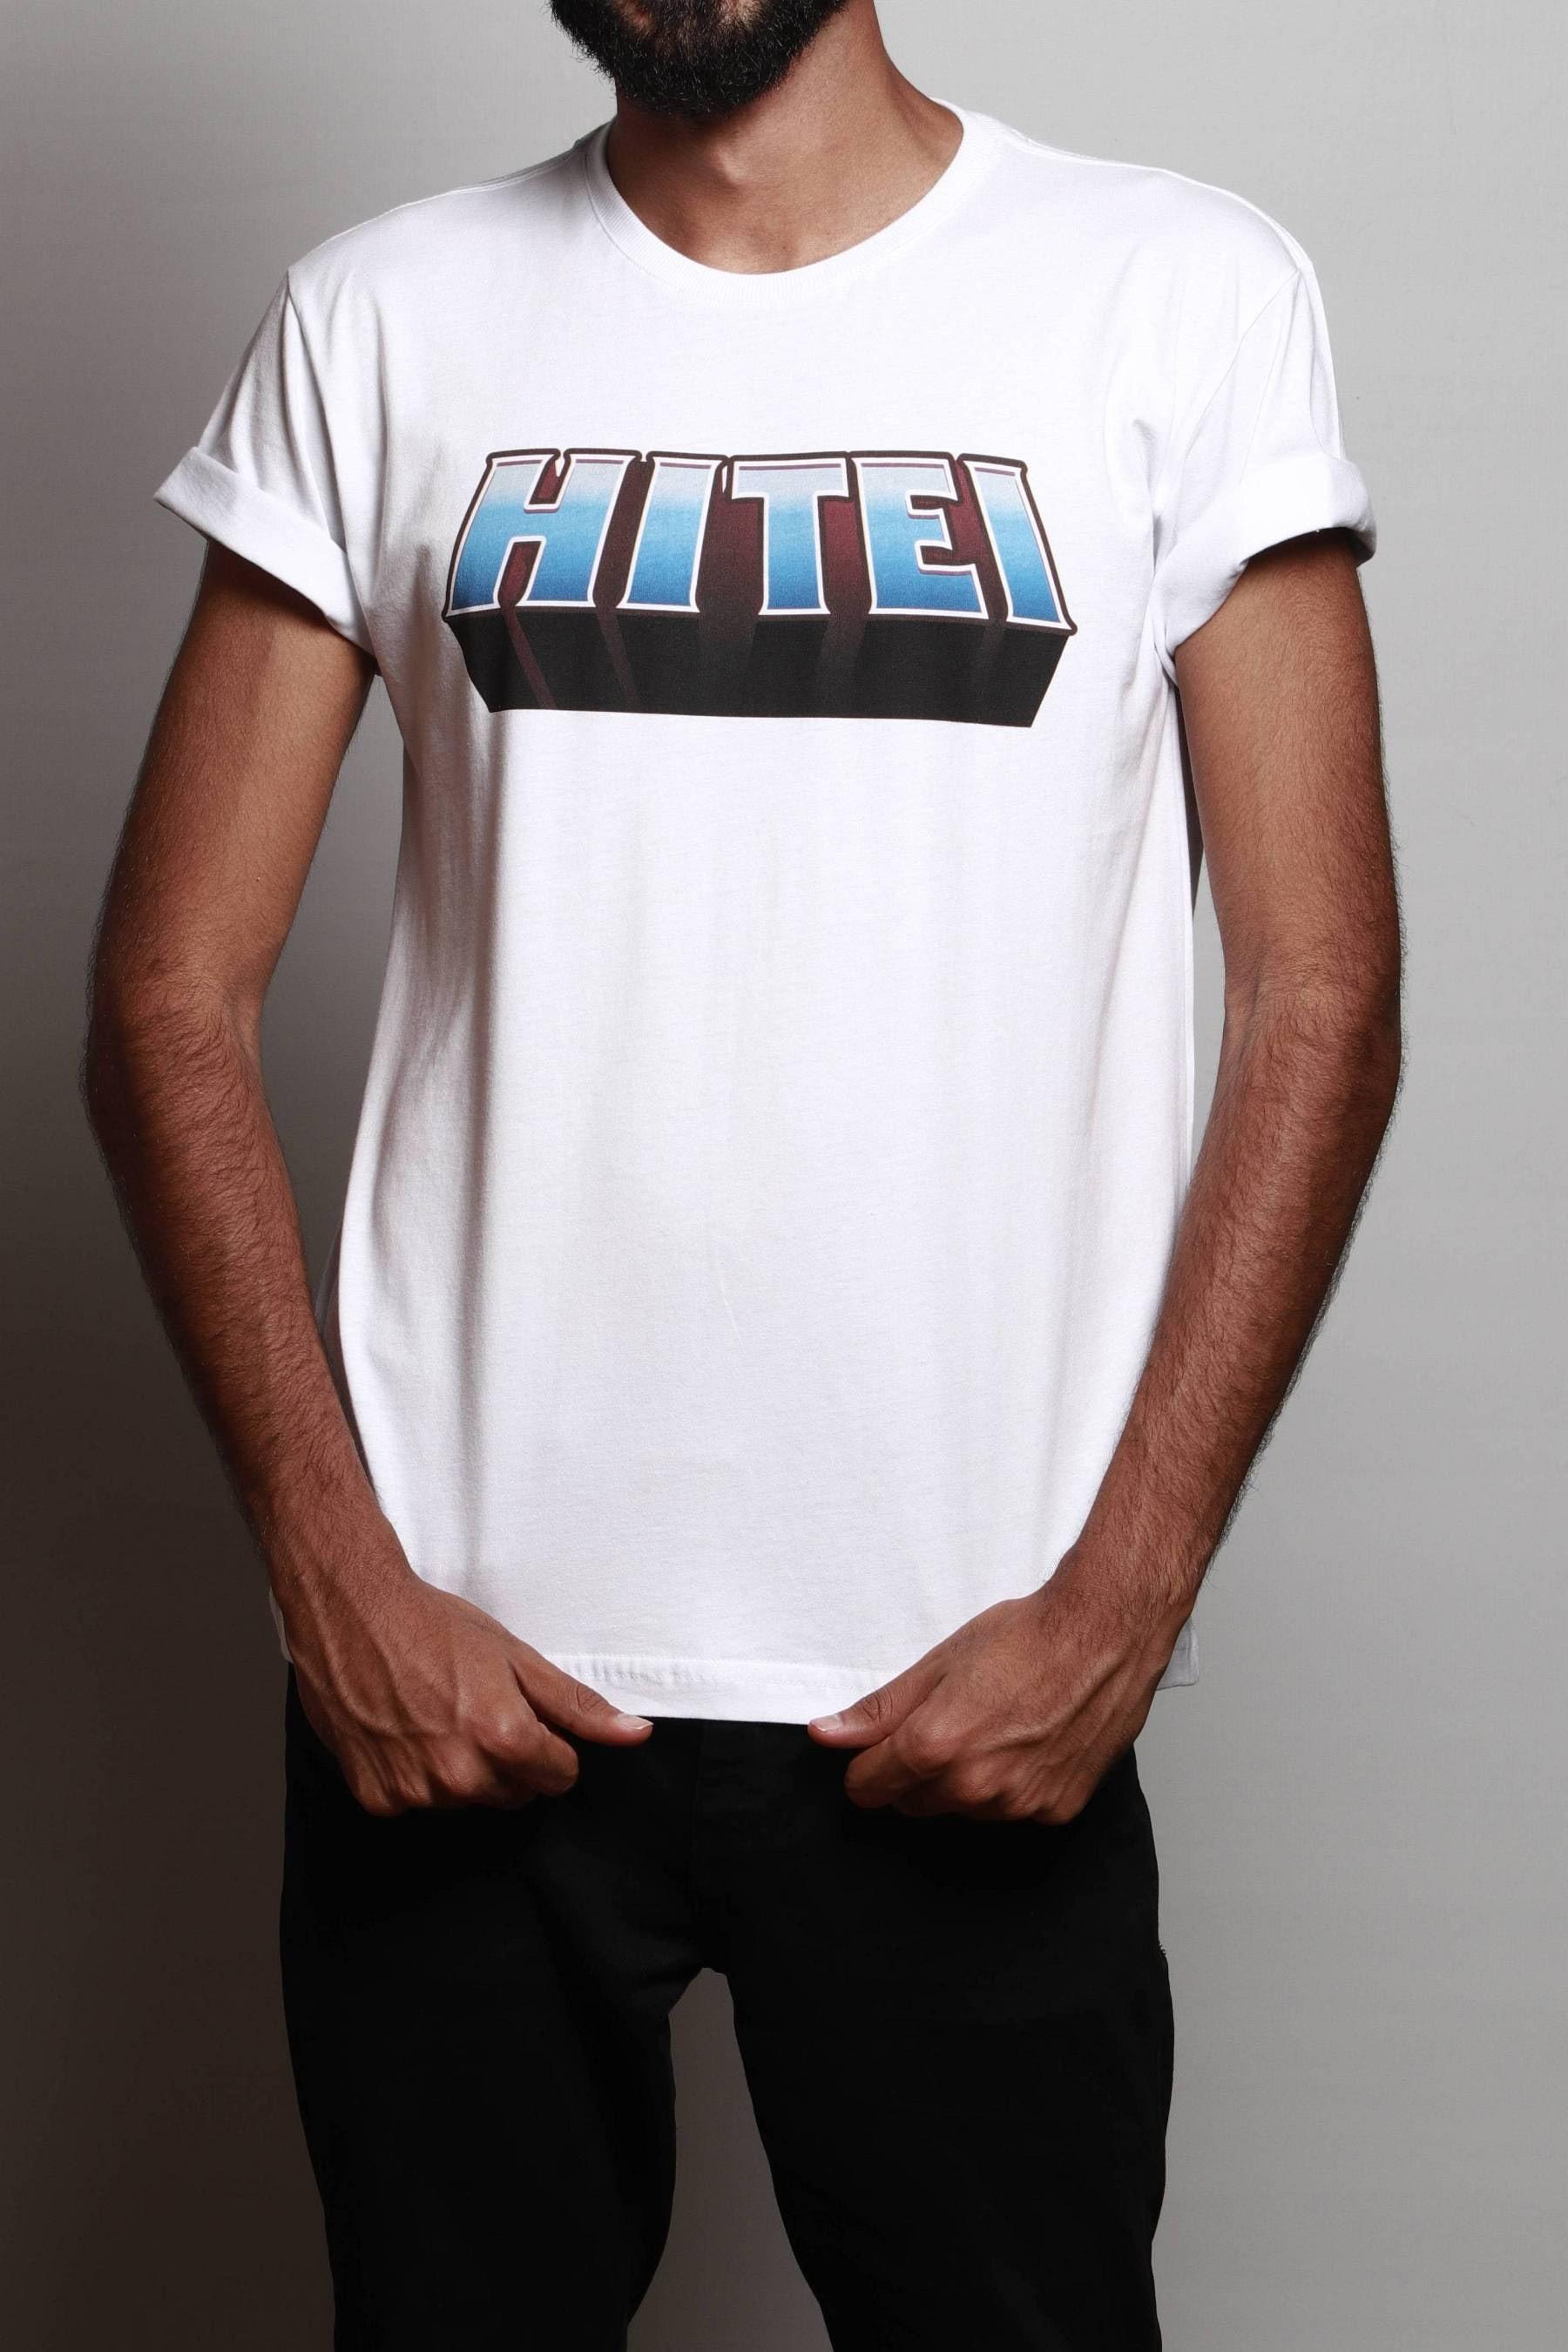 Camiseta Hitei